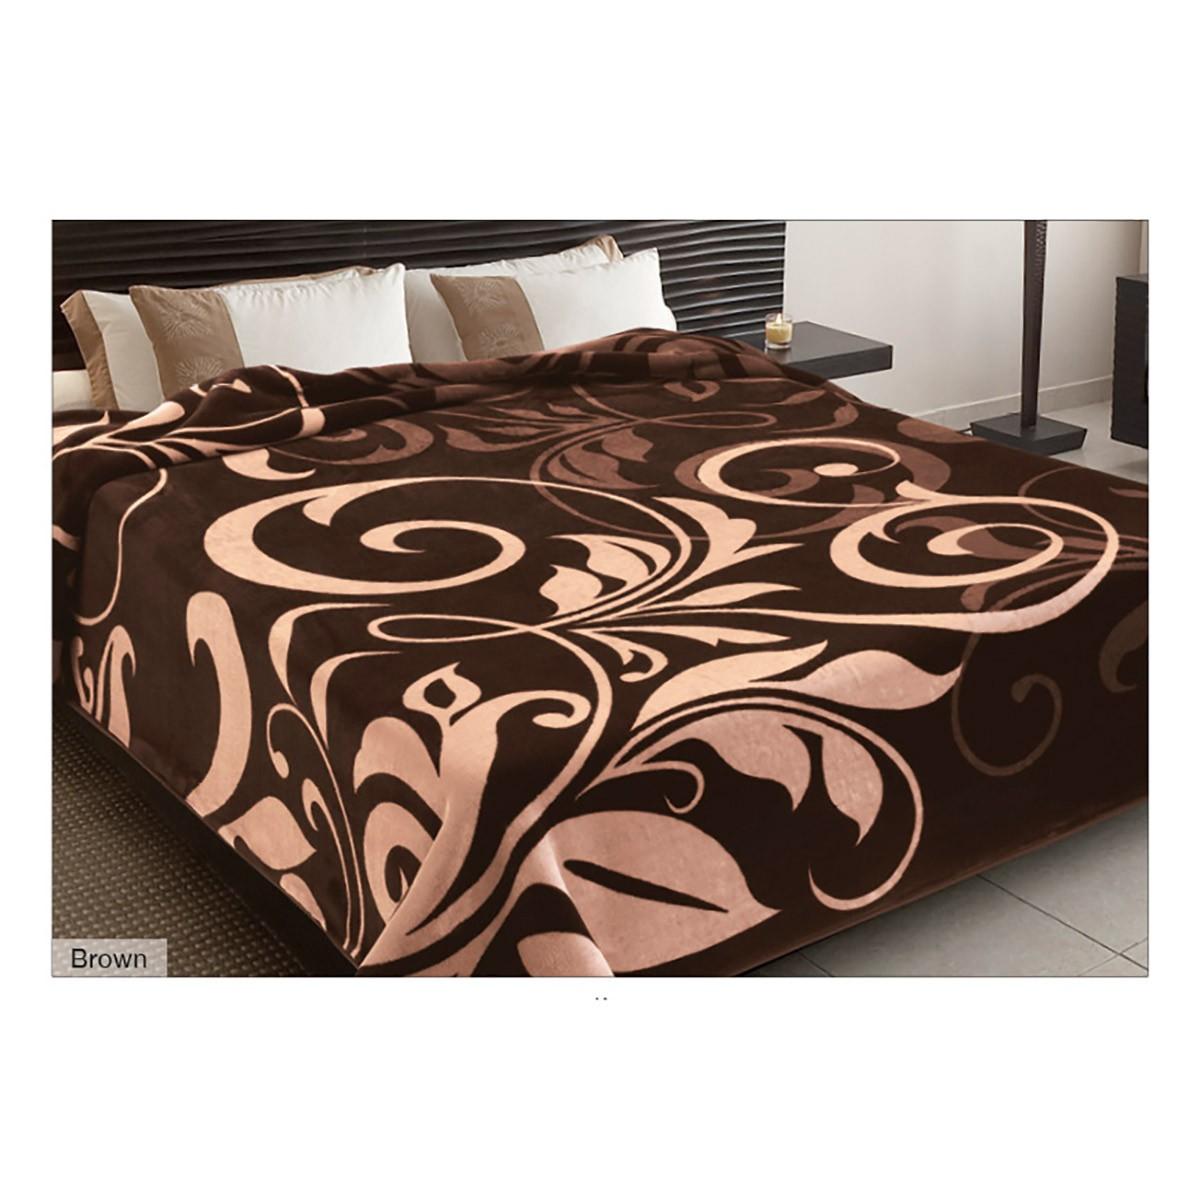 Κουβέρτα Βελουτέ Υπέρδιπλη Belpla Ster 278 Brown